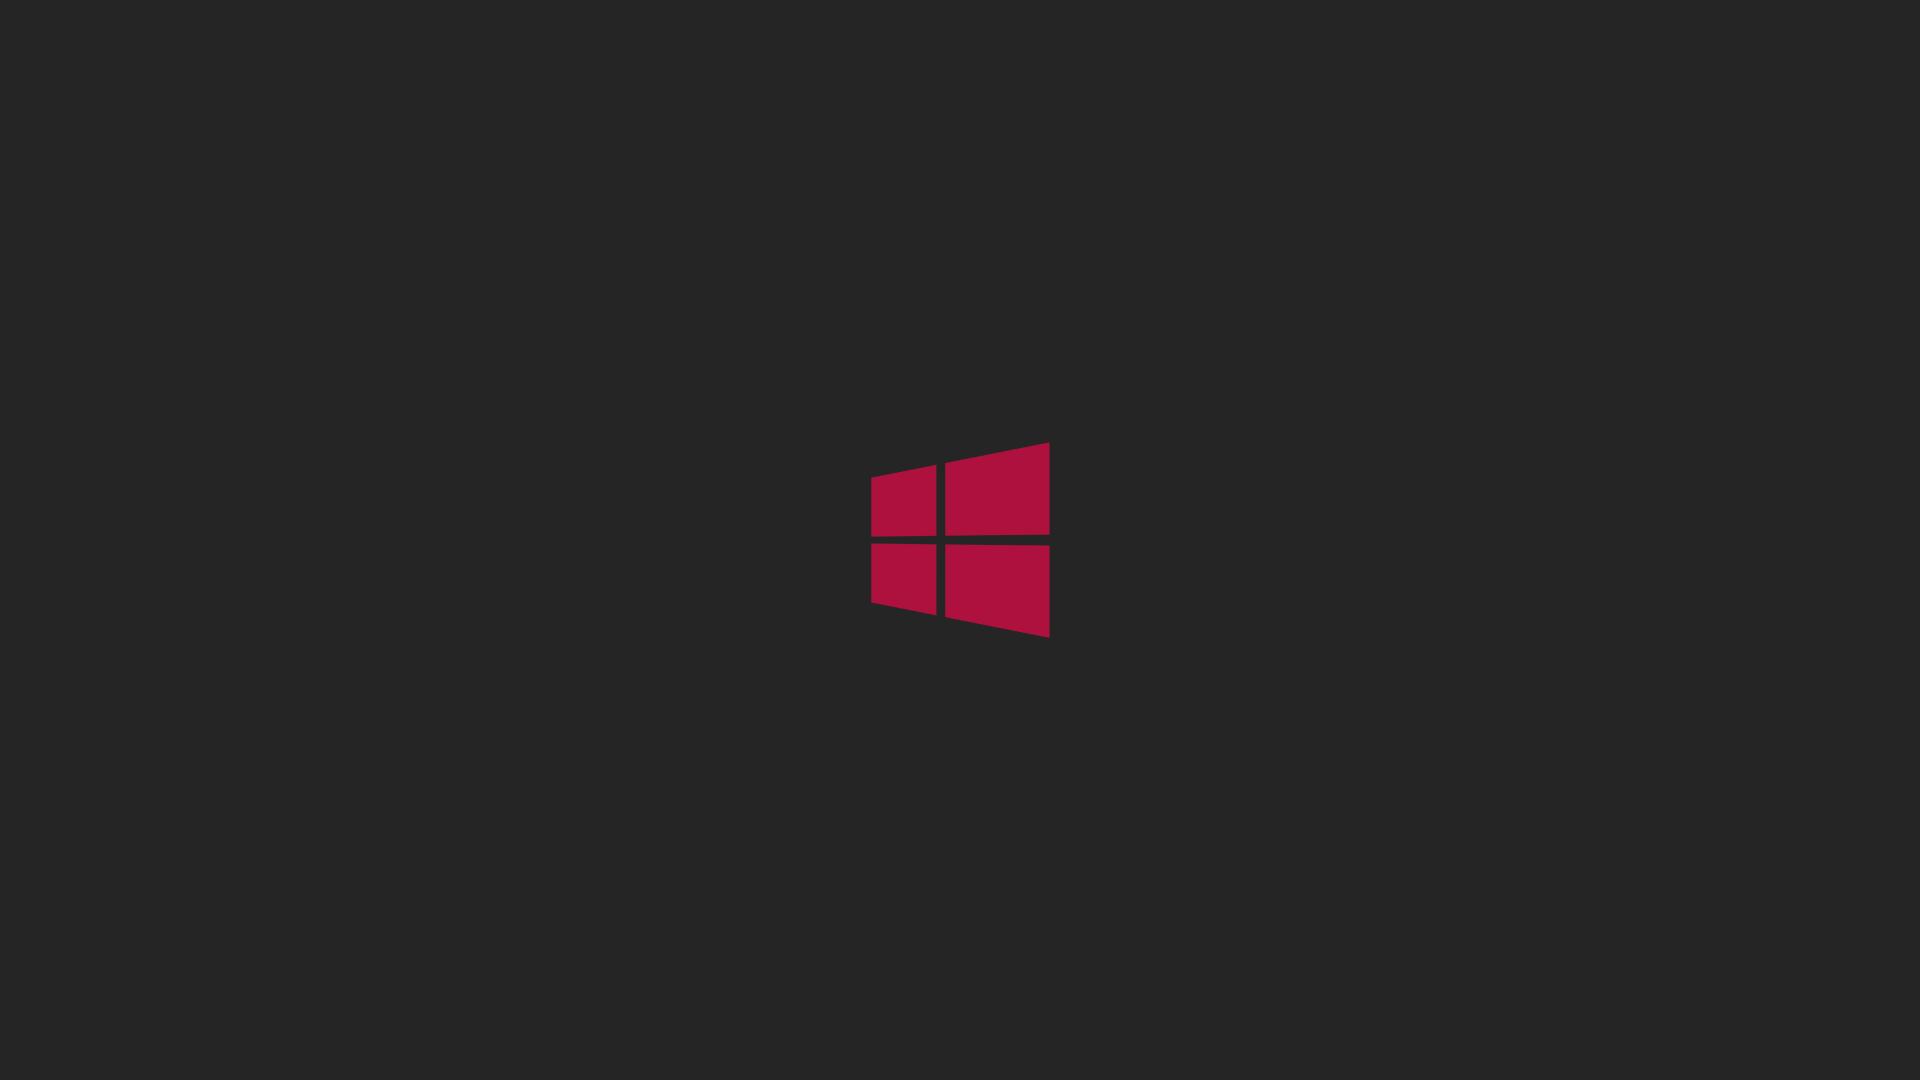 Windows 10 Desktop Is Black 24 Free Wallpaper